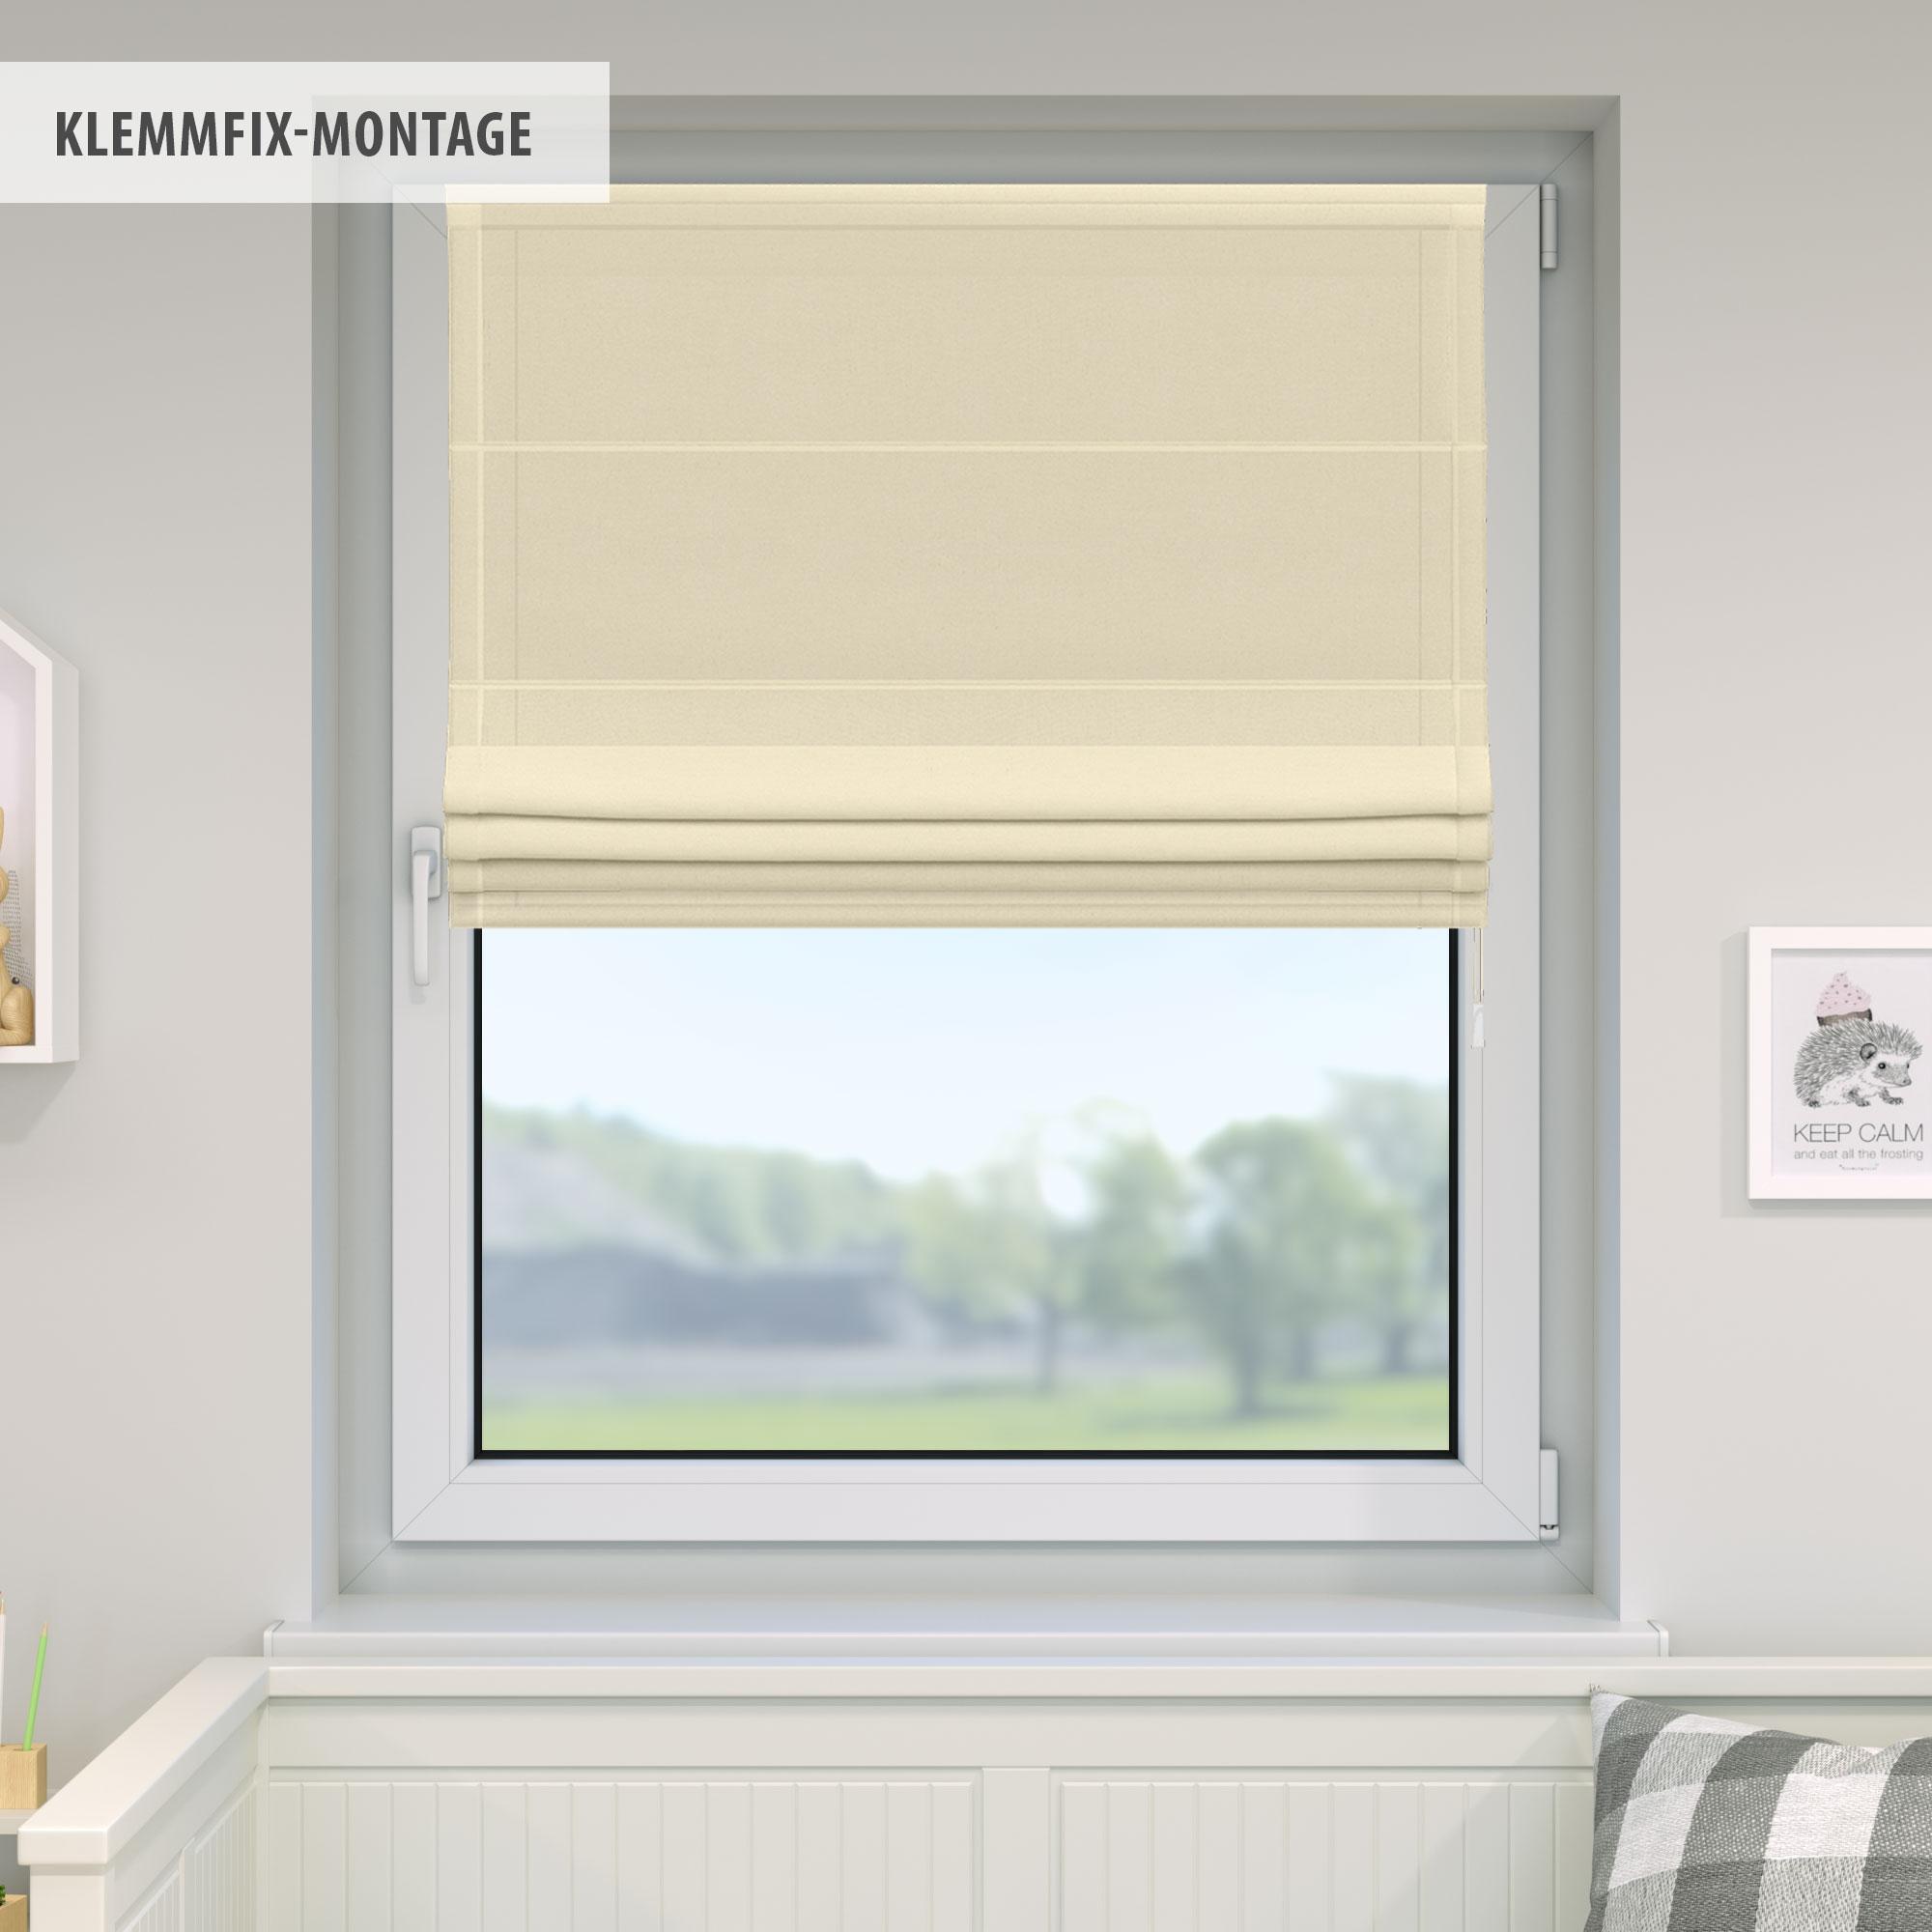 Raffrollo-Faltrollo-Klemmfix-ohne-Bohren-Fenster-Raffgardine-Gardine-VICTORIA-M Indexbild 33